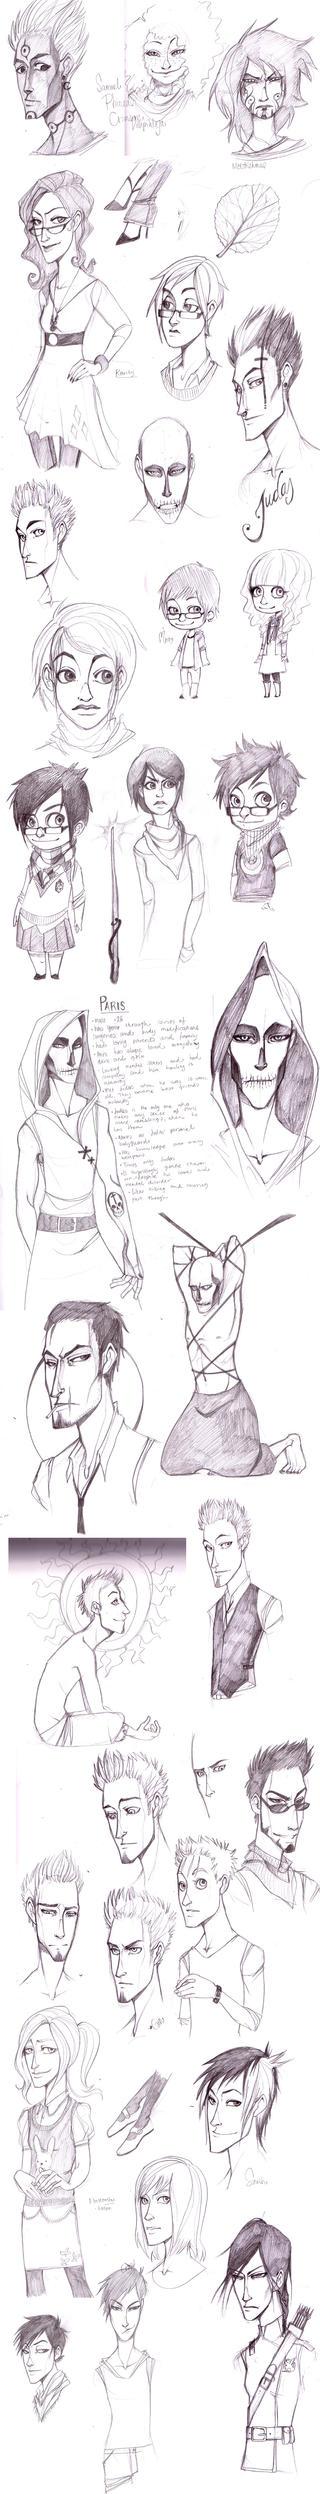 Sketchdump 021 by erli